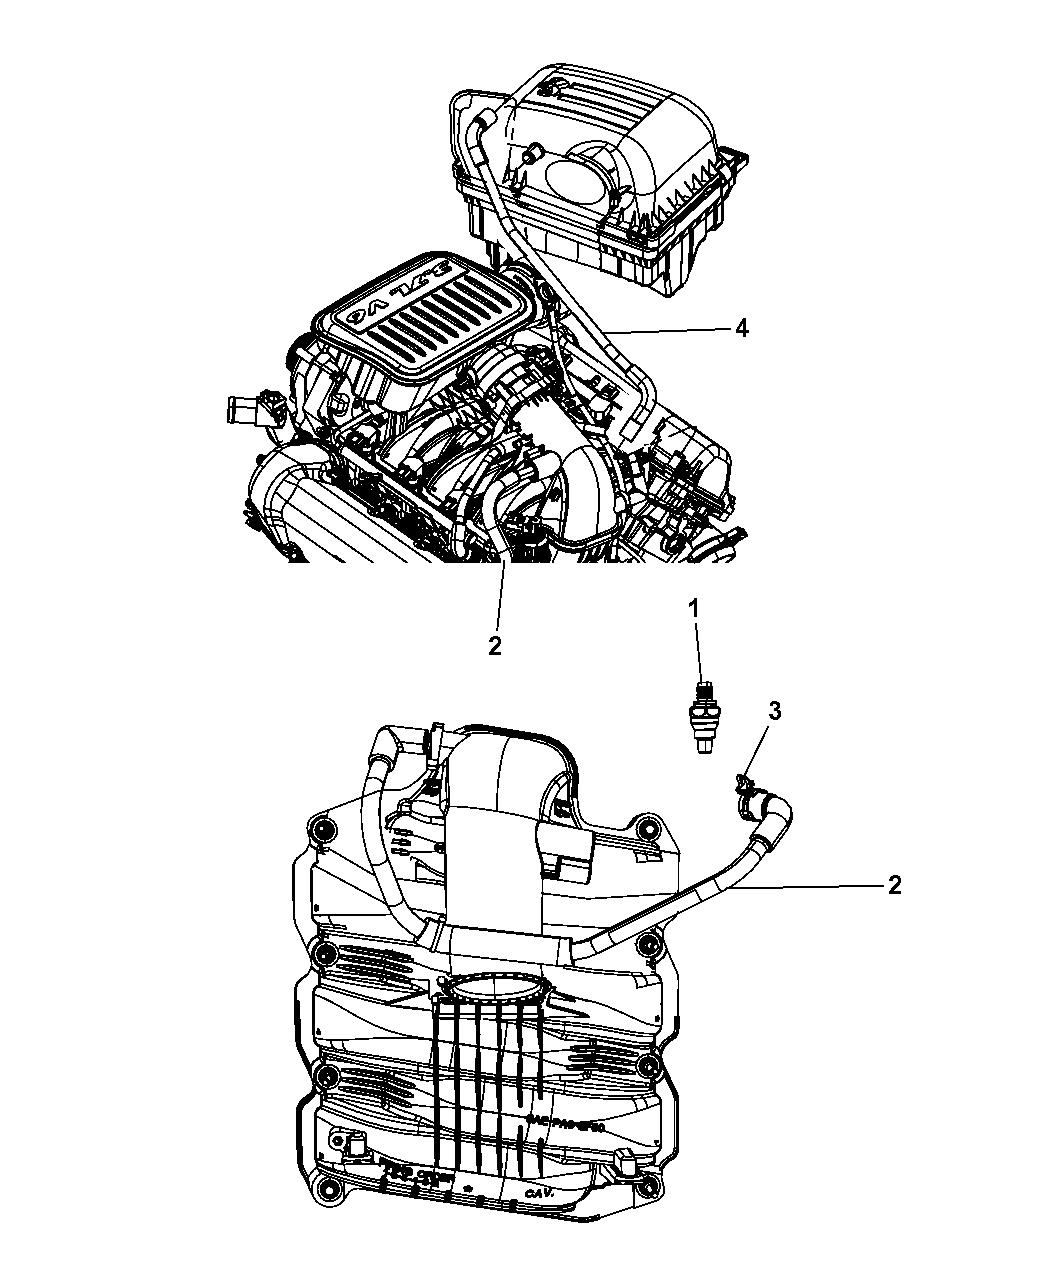 2008 Jeep Liberty Crankcase Ventilation - Thumbnail 2